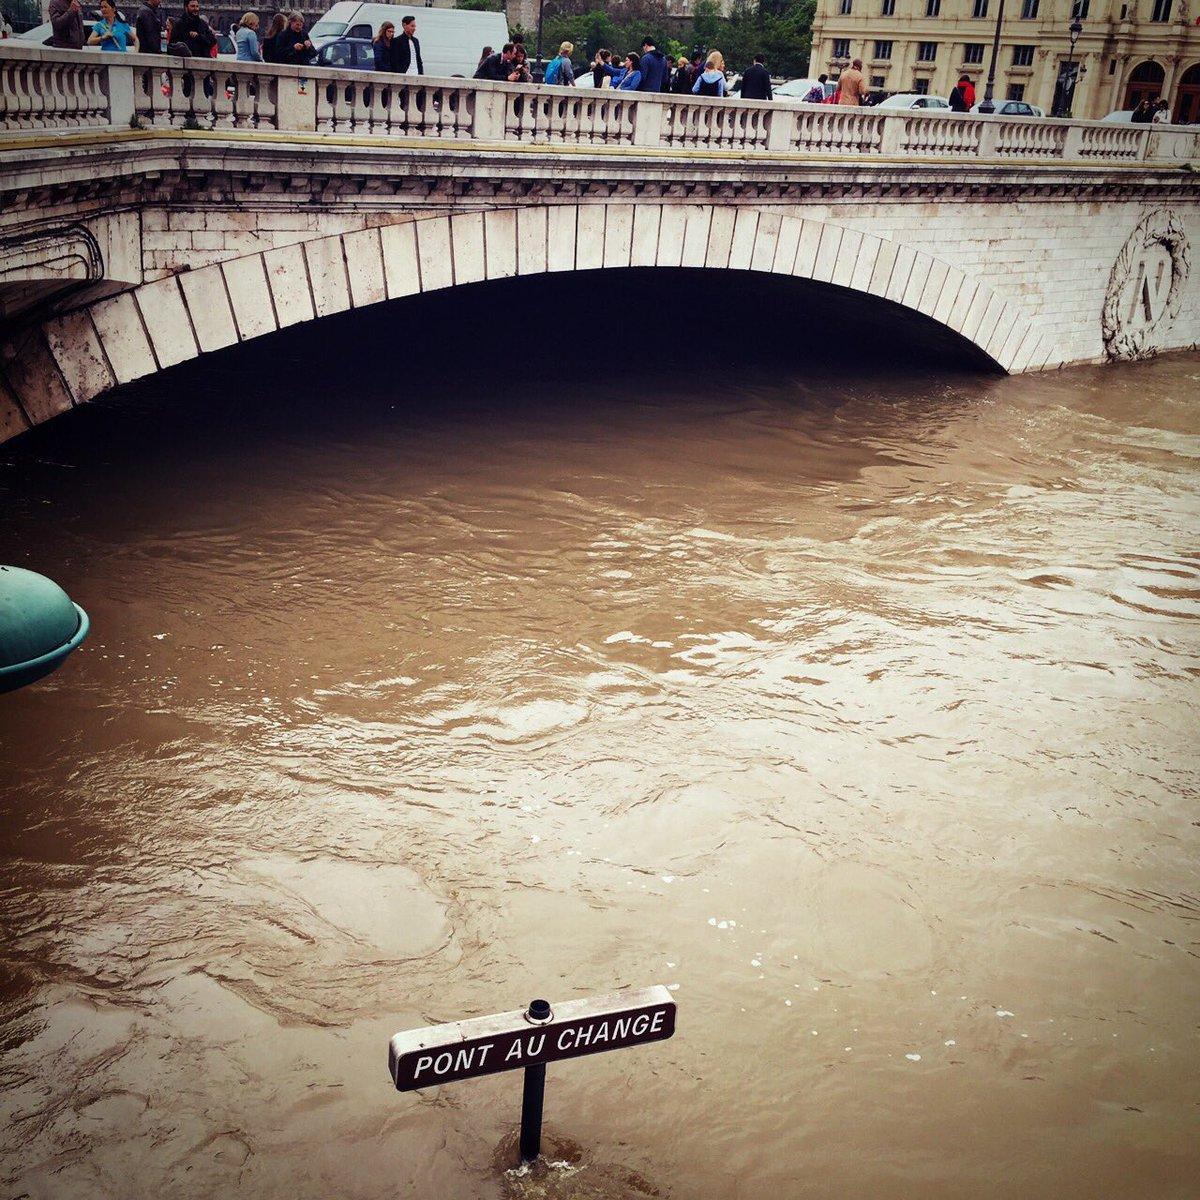 ついにセーヌはここまで来た。この橋の下をよく車で走ってから、びっくりだよ。天気予報によるとまだまだ雨が続くみたいだ。 pic.twitter.com/zstN0P0G6W